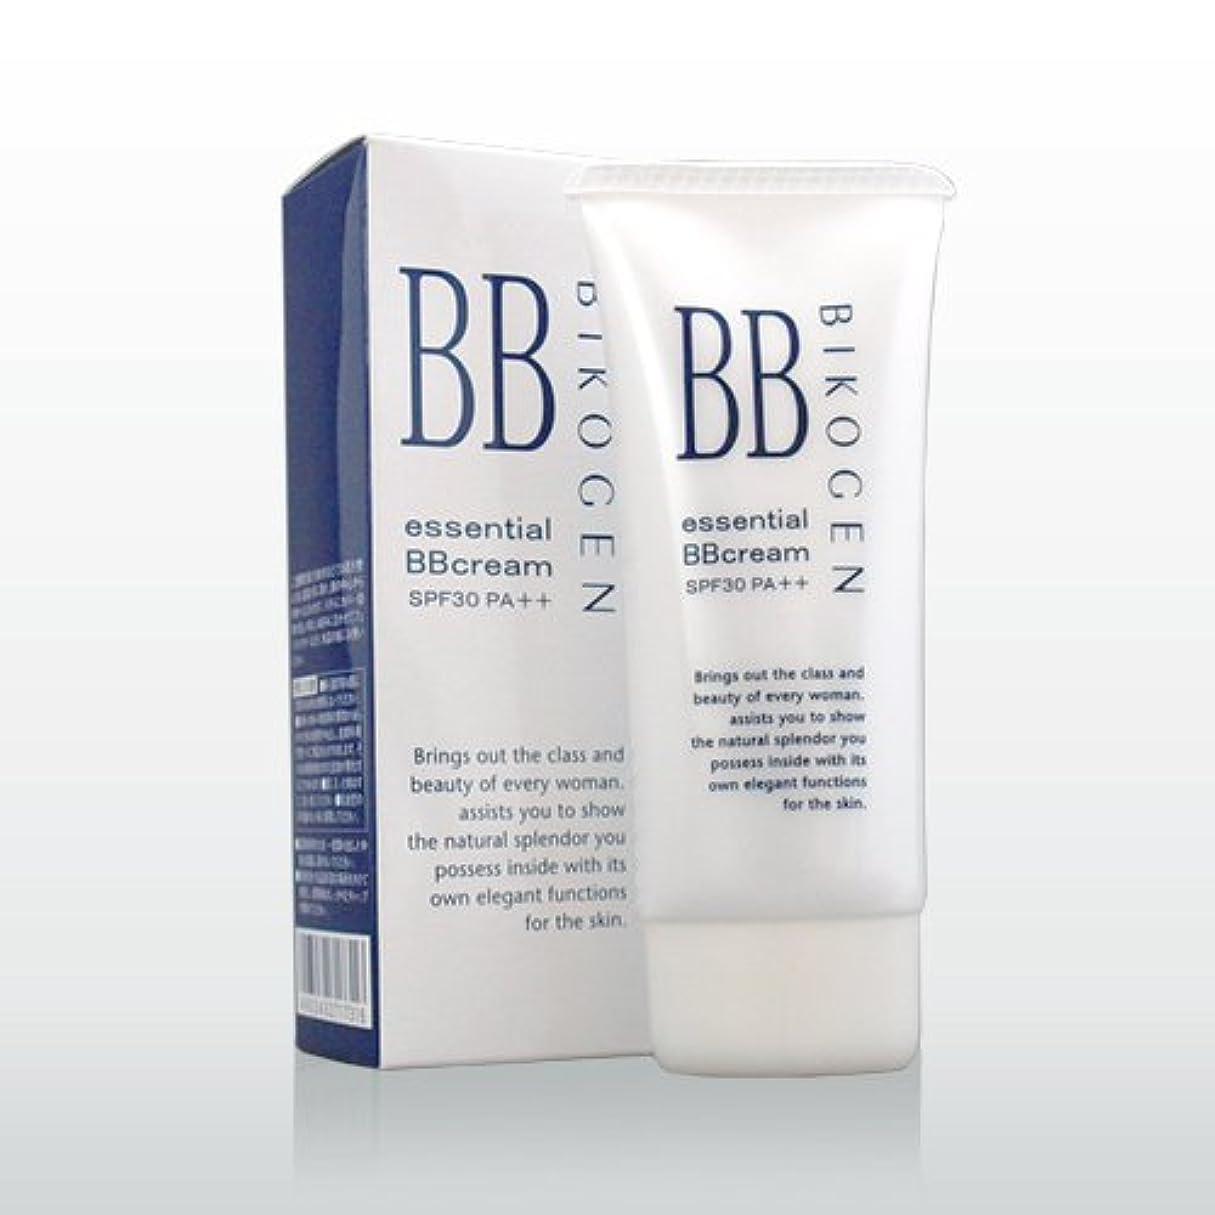 インタフェース硬い熱心ビコーゲン エッセンシャルBBクリーム40g(ナチュラル)